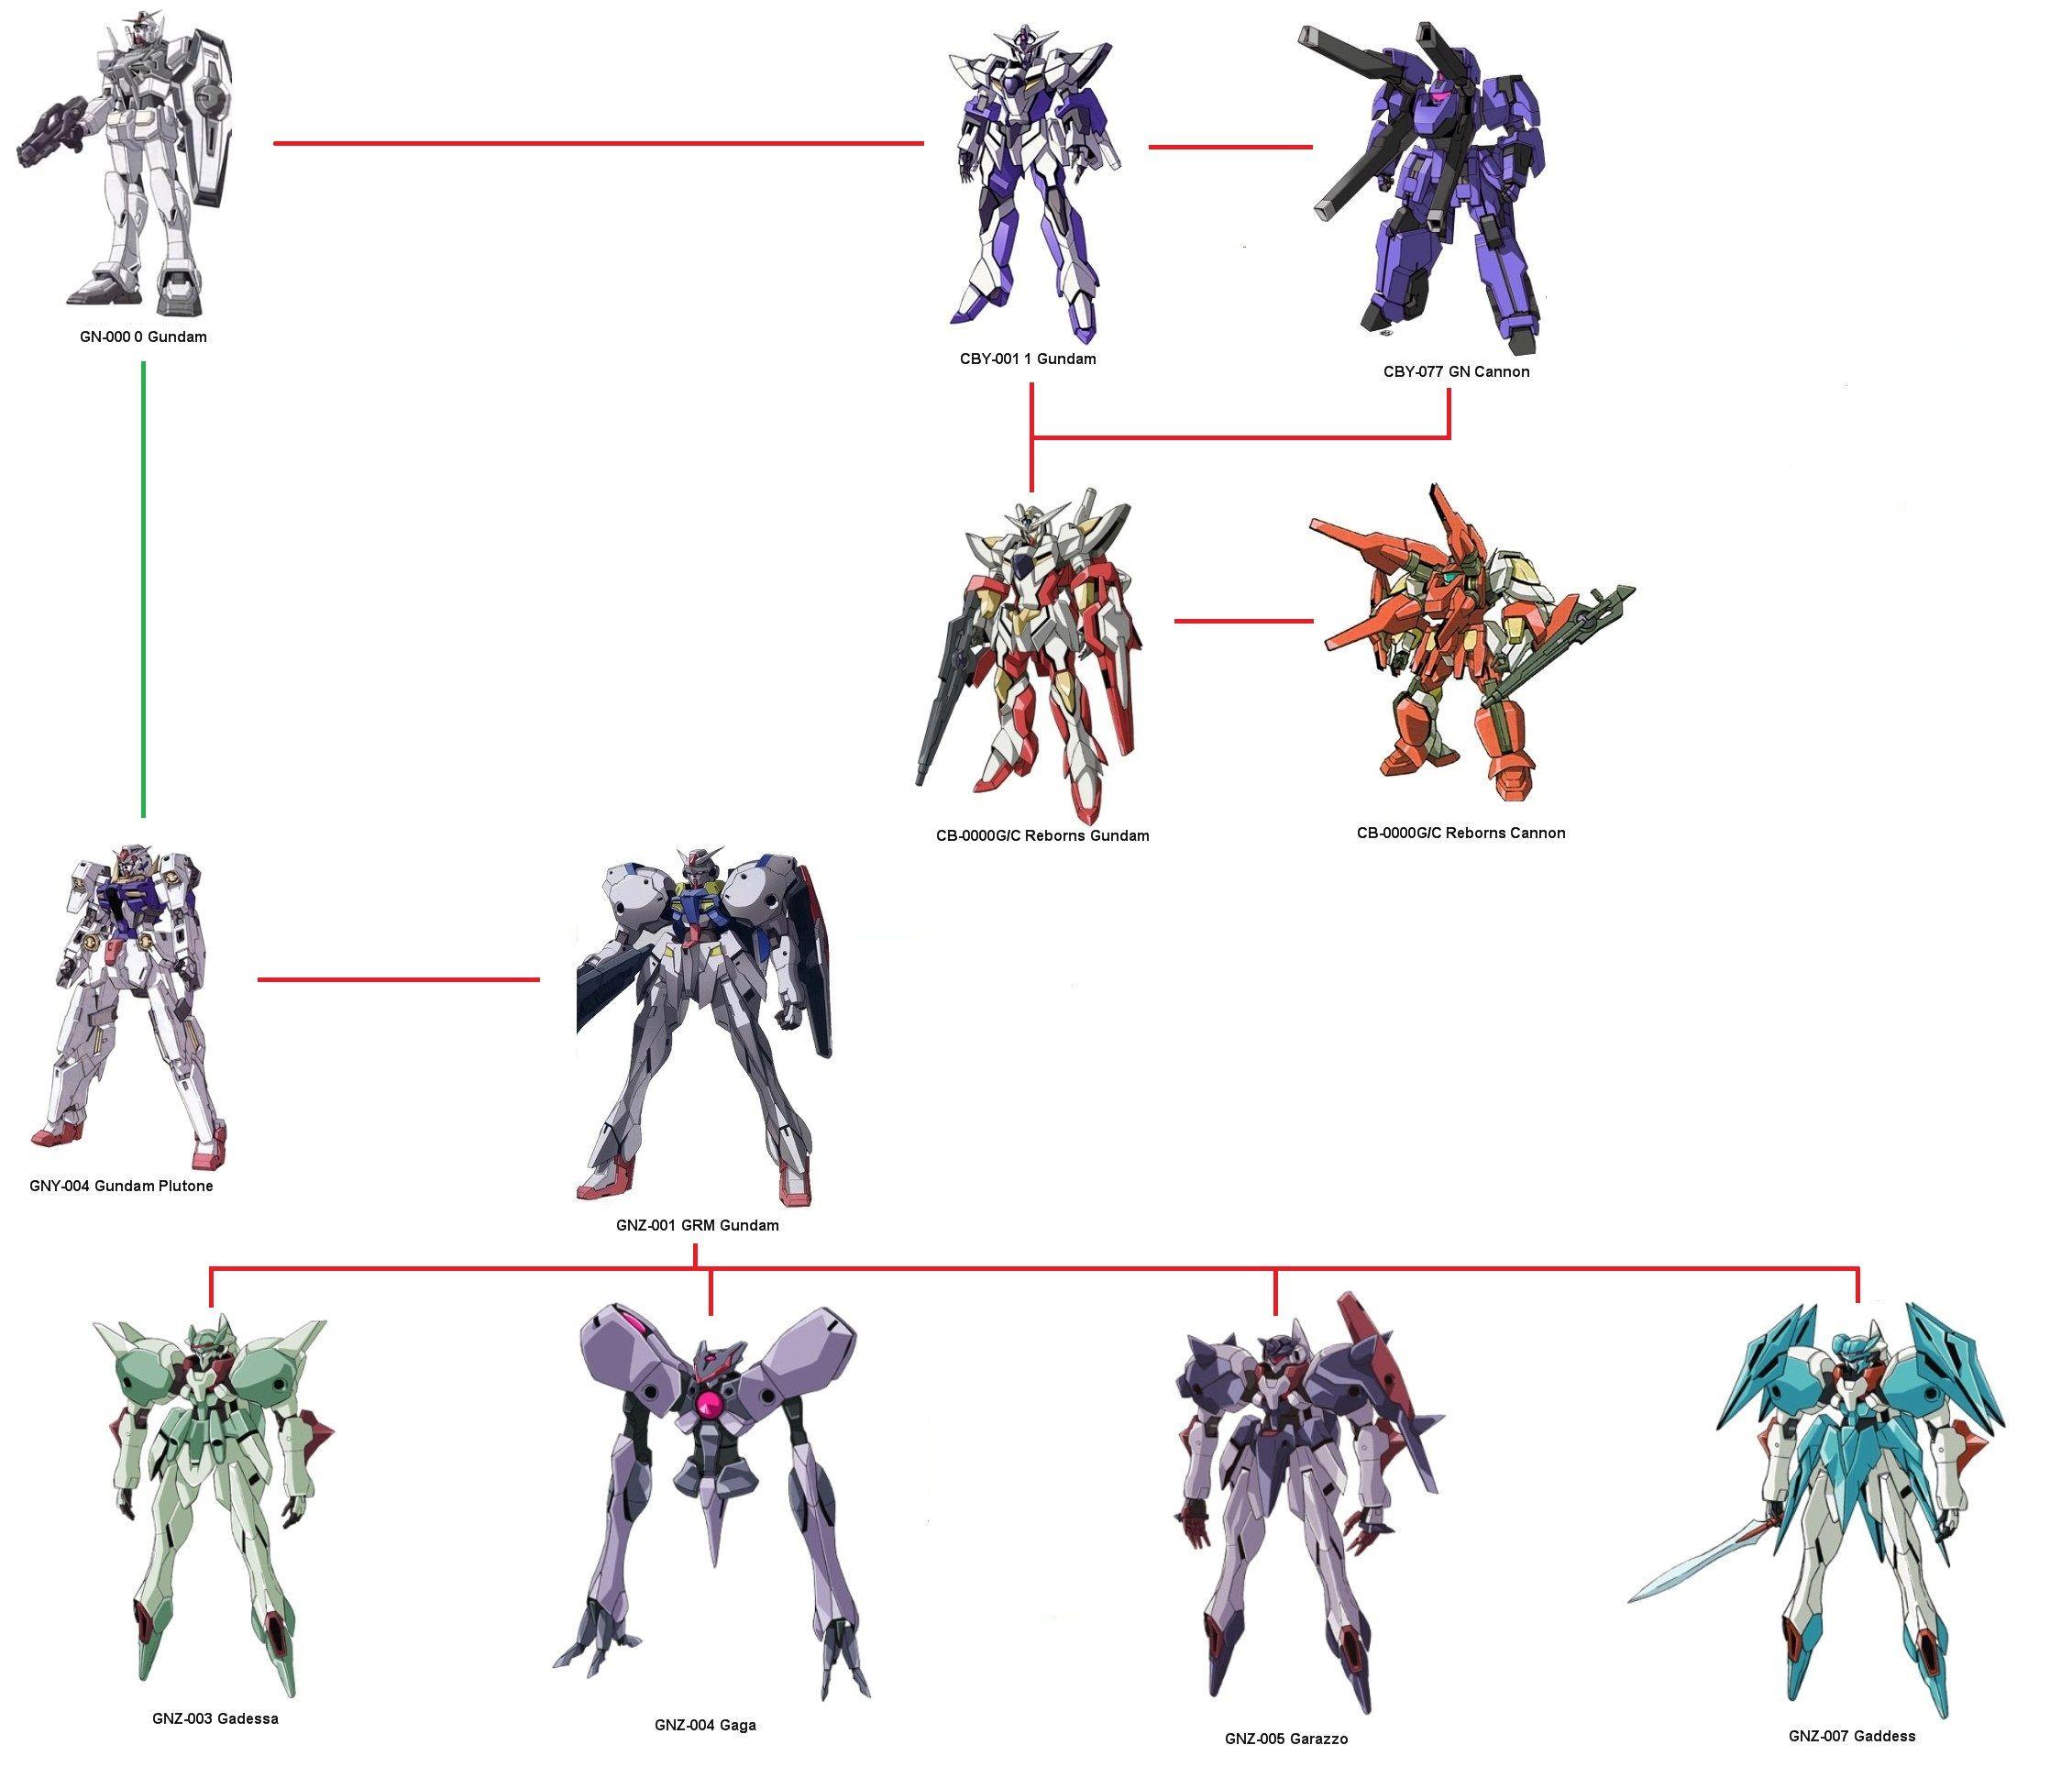 Shadow S Gundam Ã'¬ãƒ³ãƒ€ãƒ Thread Page 276